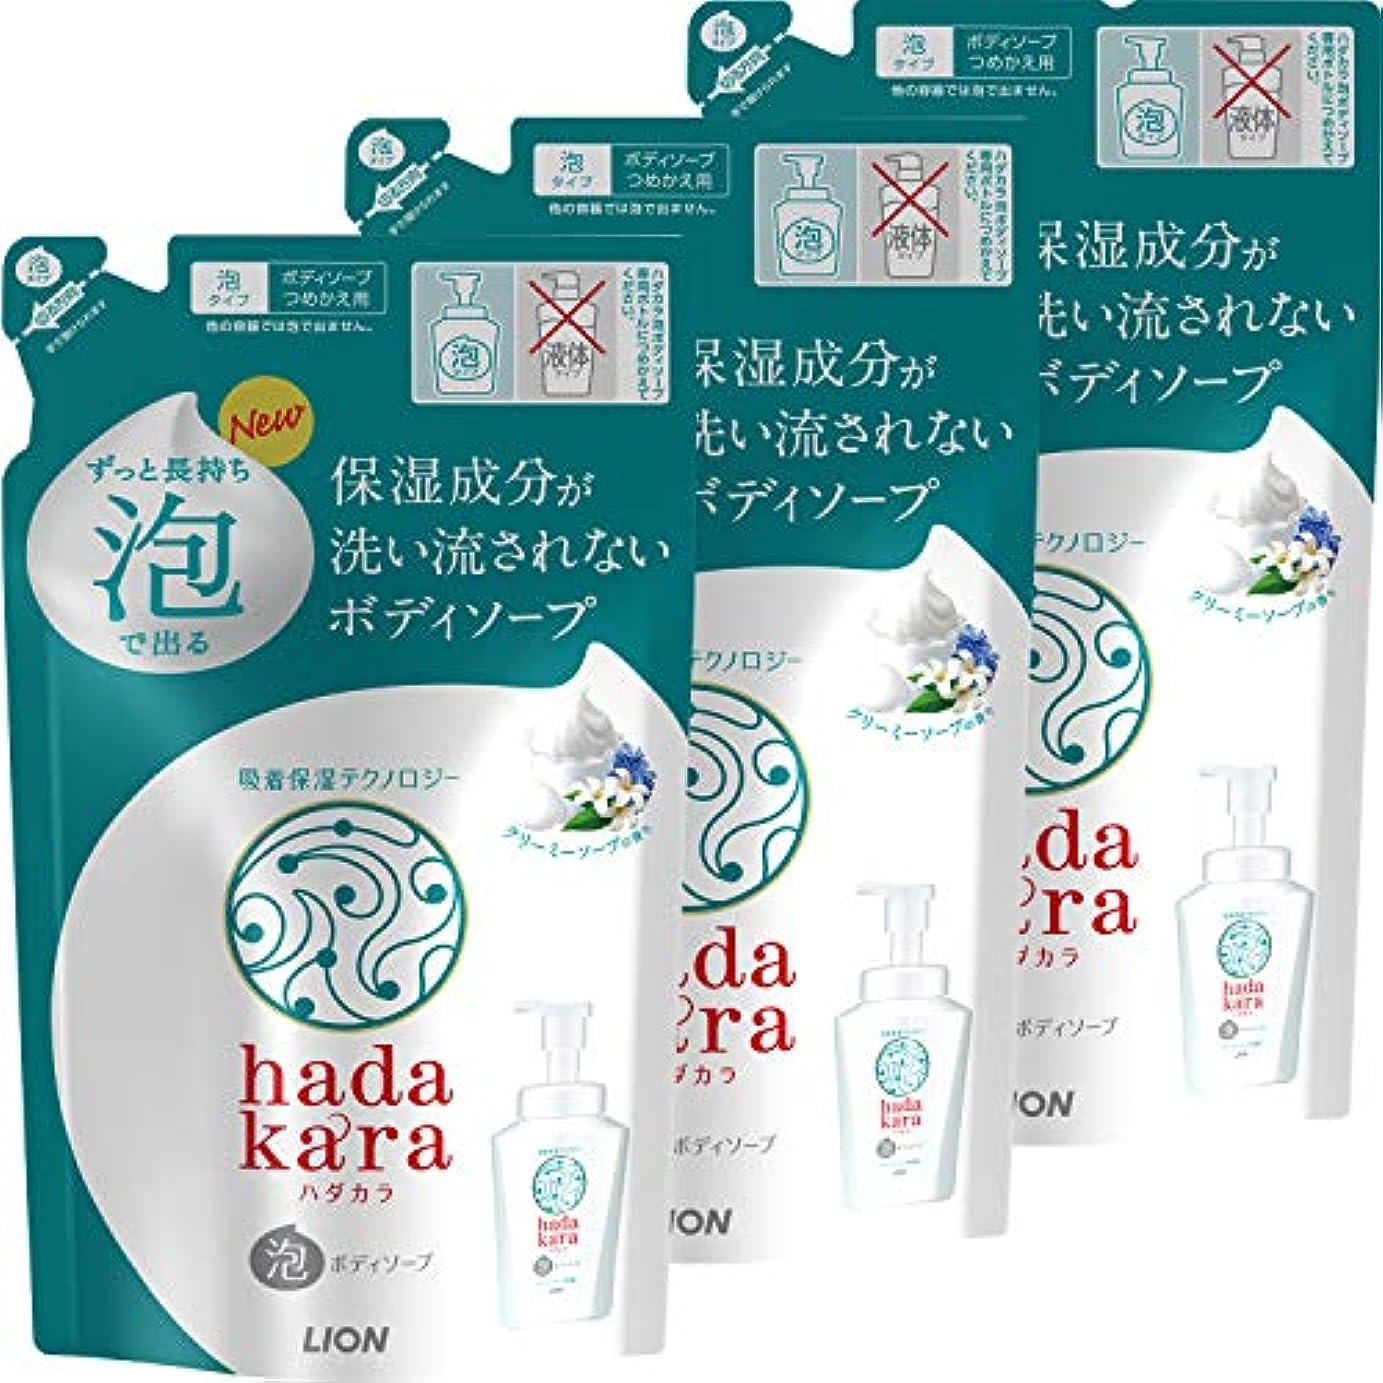 悪い感謝祭ロバhadakara(ハダカラ) ボディソープ 泡タイプ クリーミーソープの香り 詰替440ml×3個